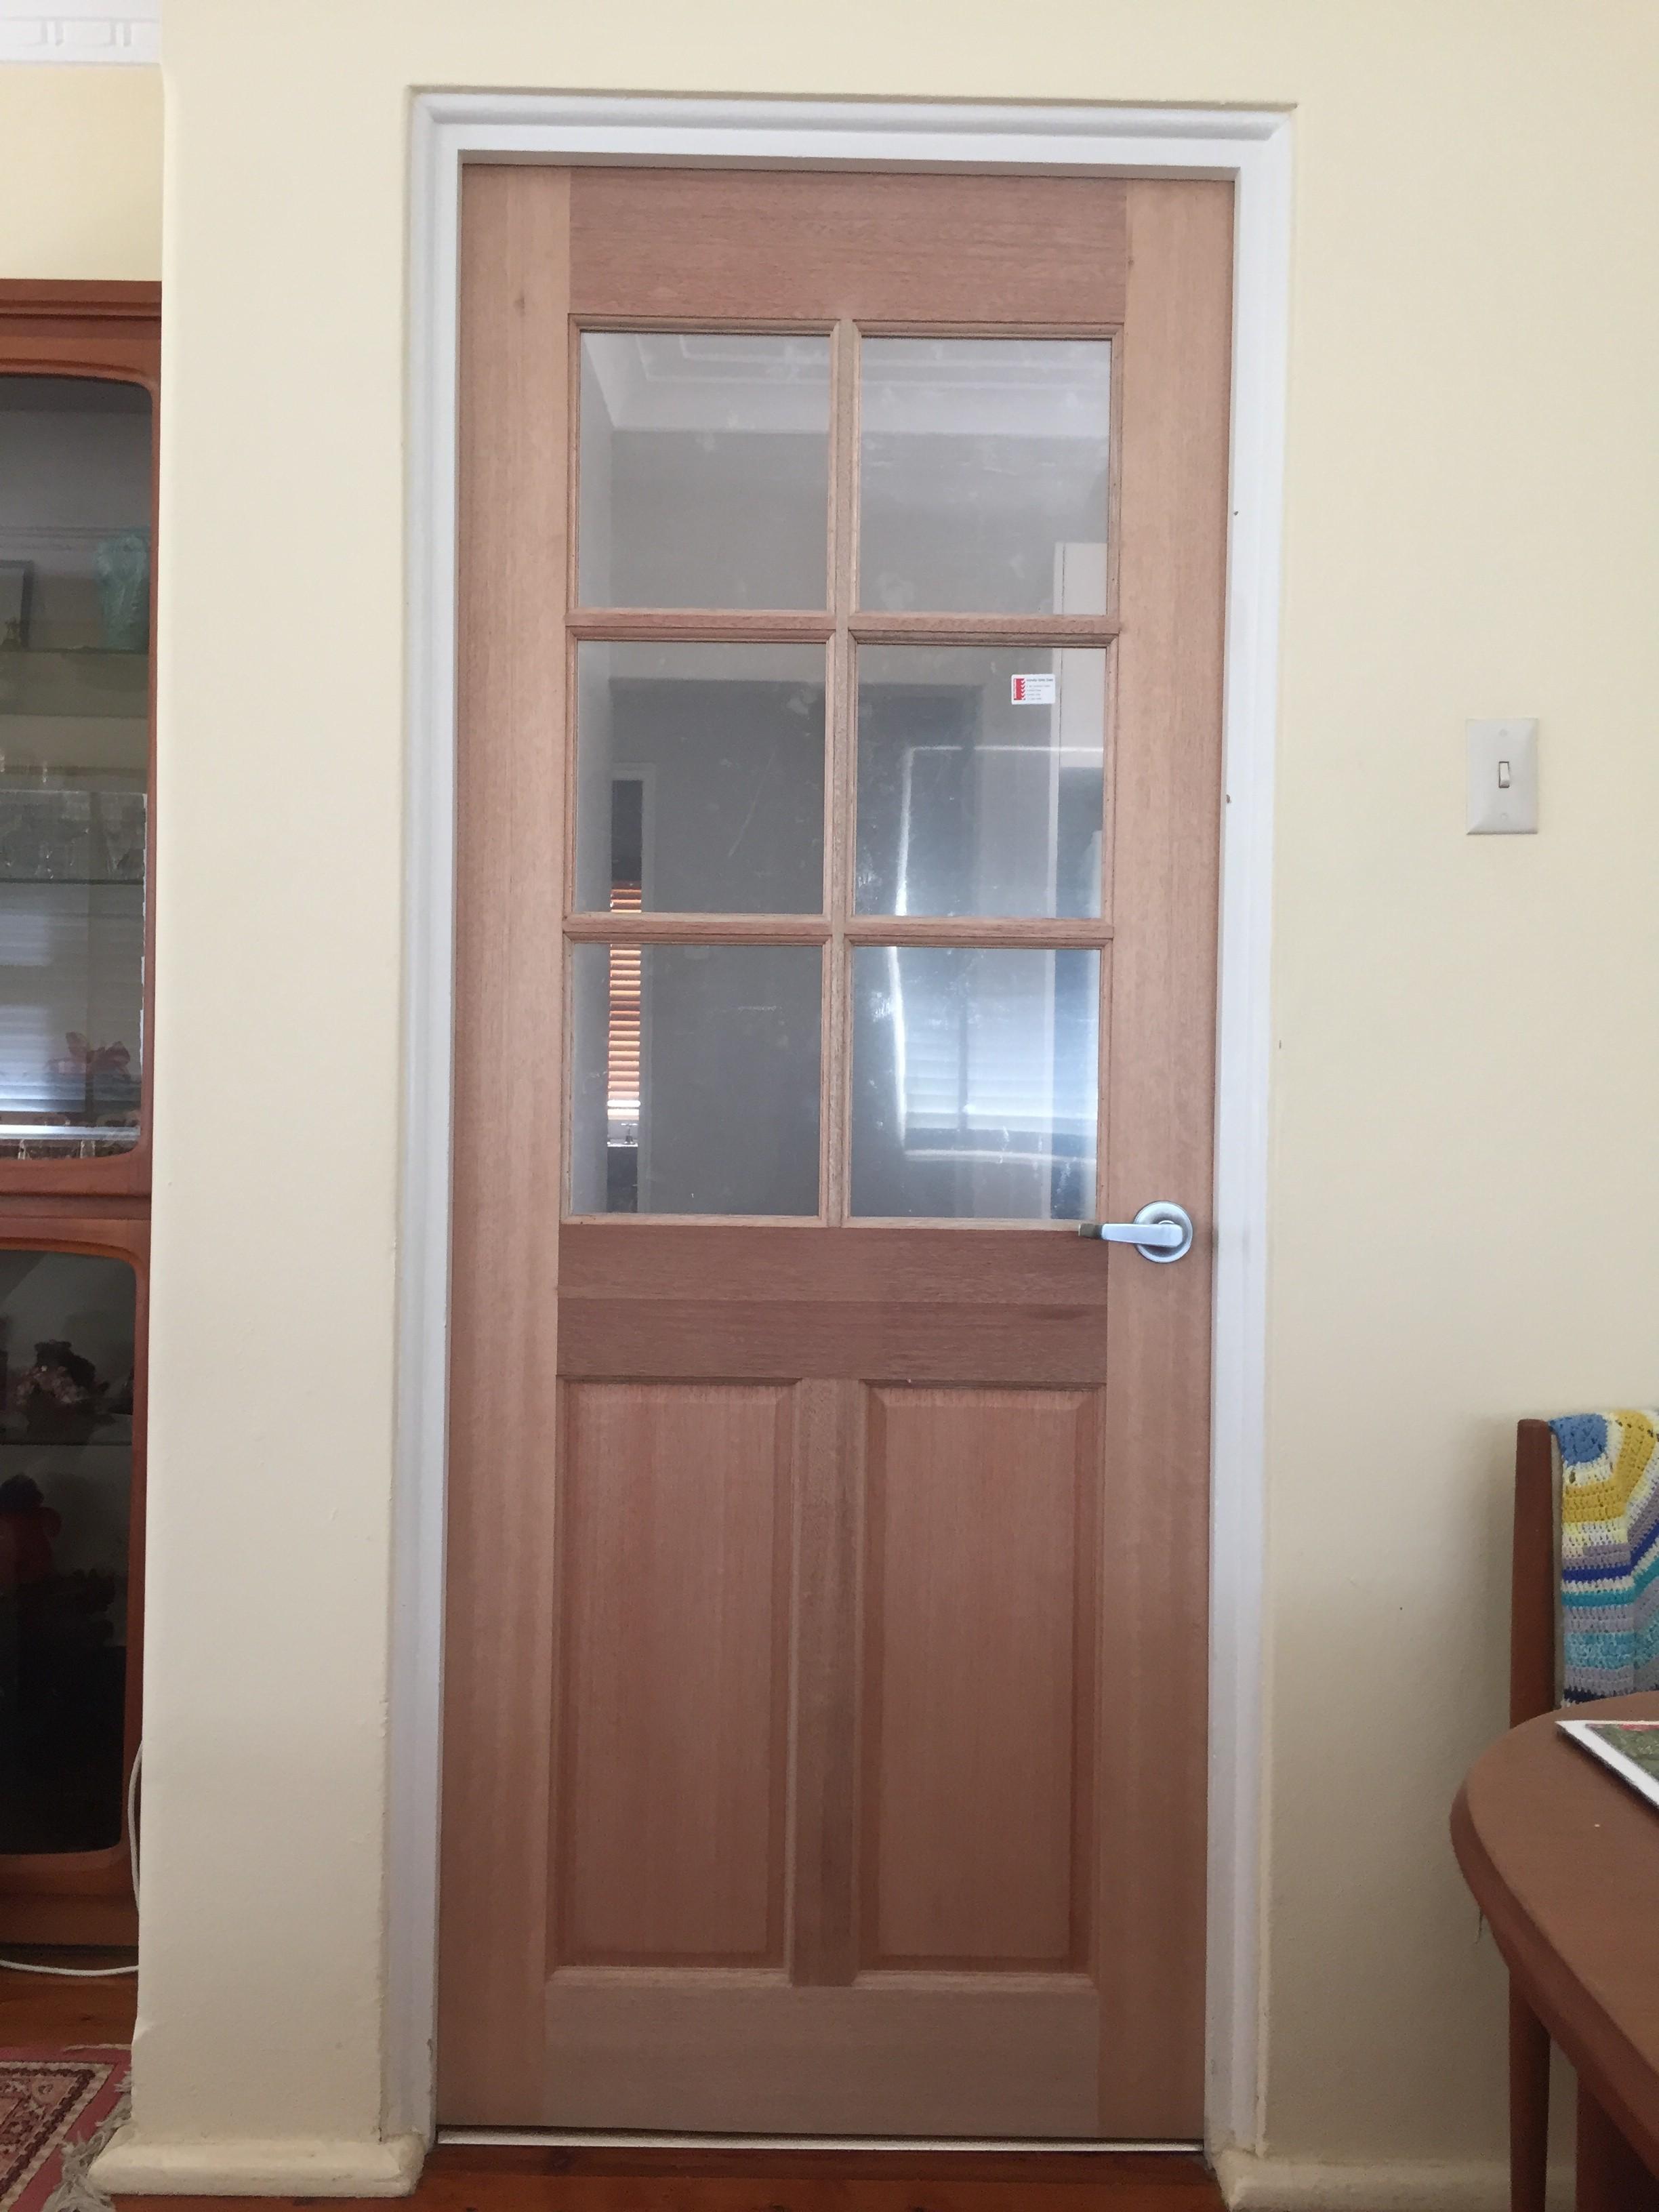 2a - 6 Light Panel Door